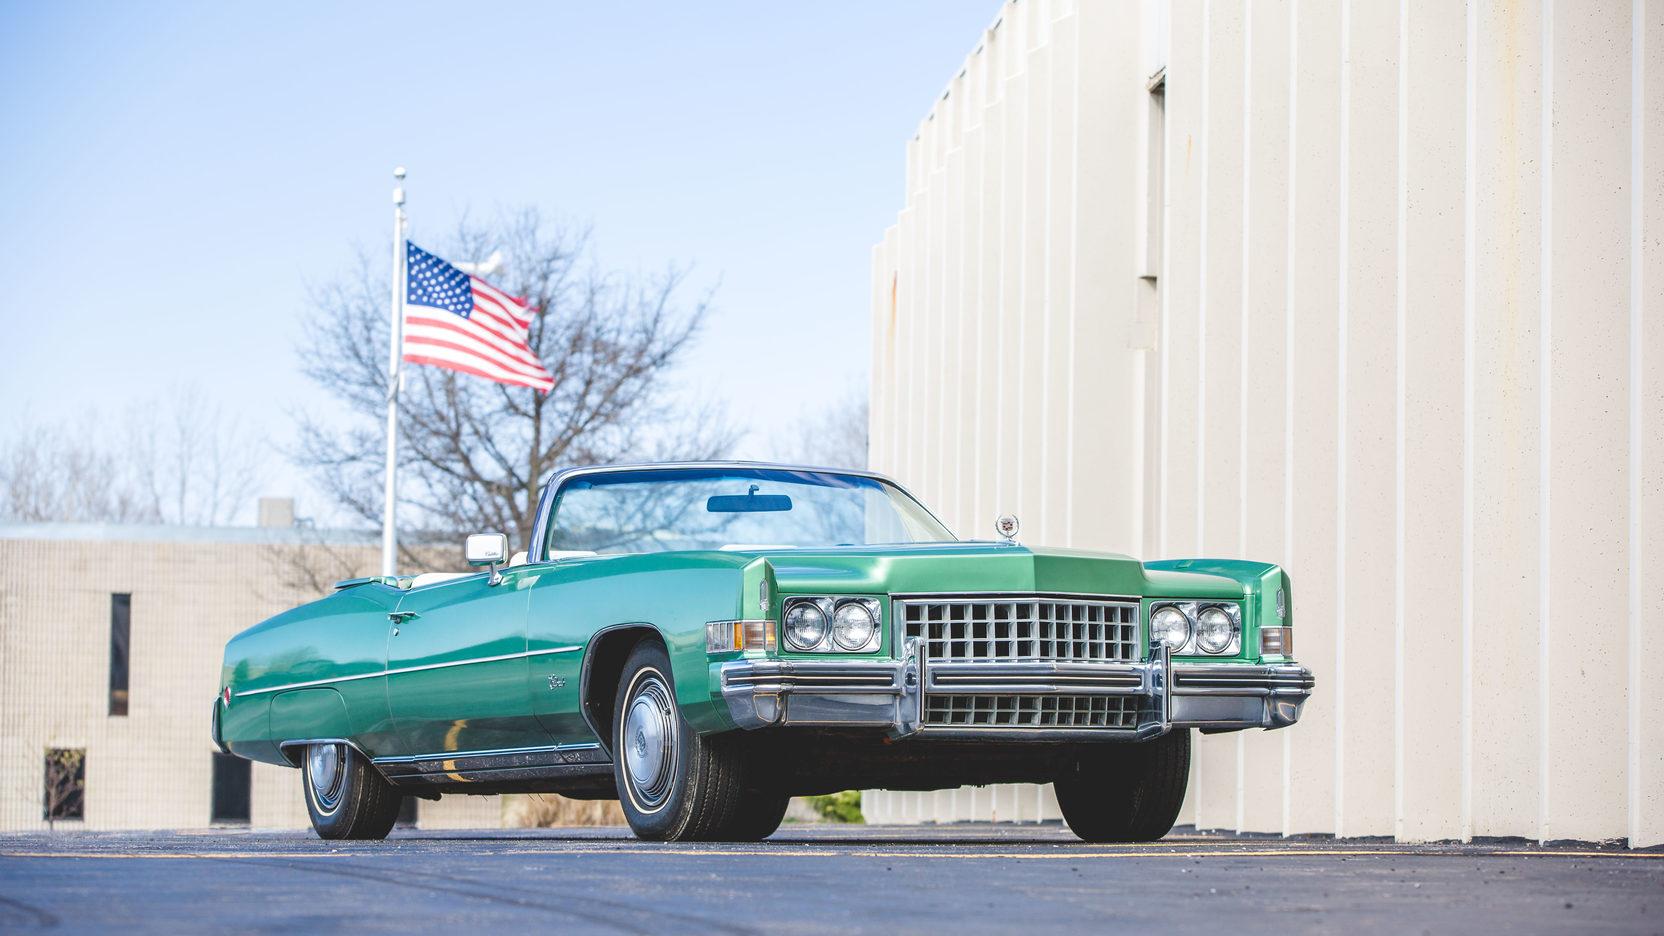 1973 Cadillac Eldorado low 3/4